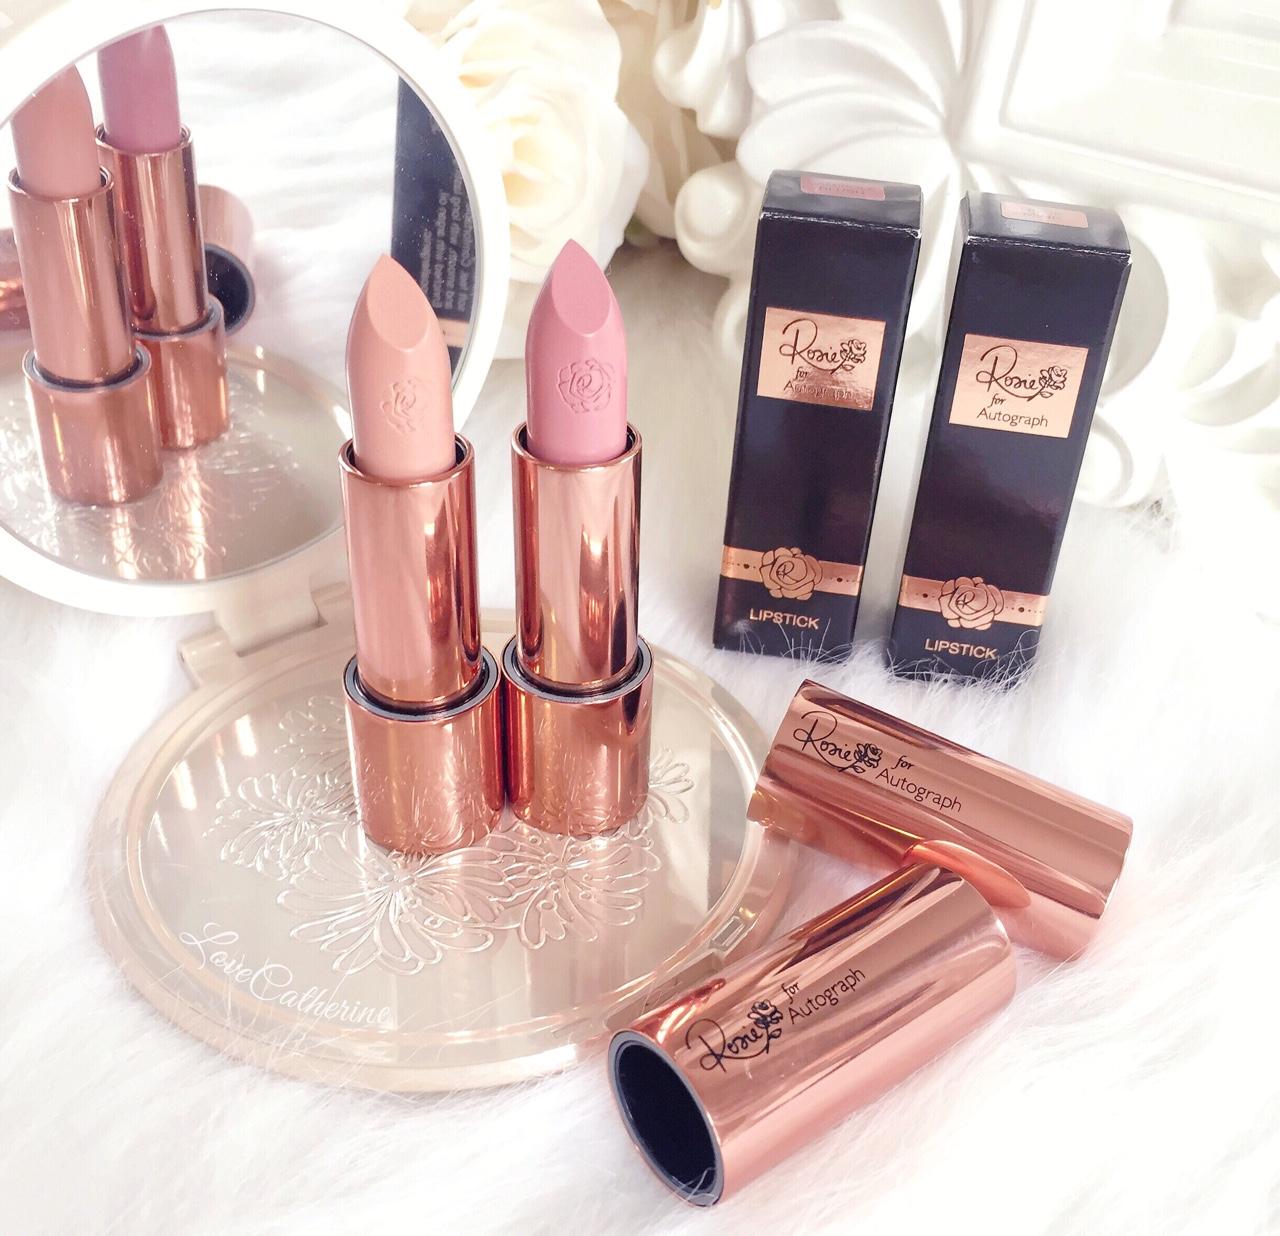 Rosie for Autograph | Lipsticks, Nude Mink & Camisole Blush